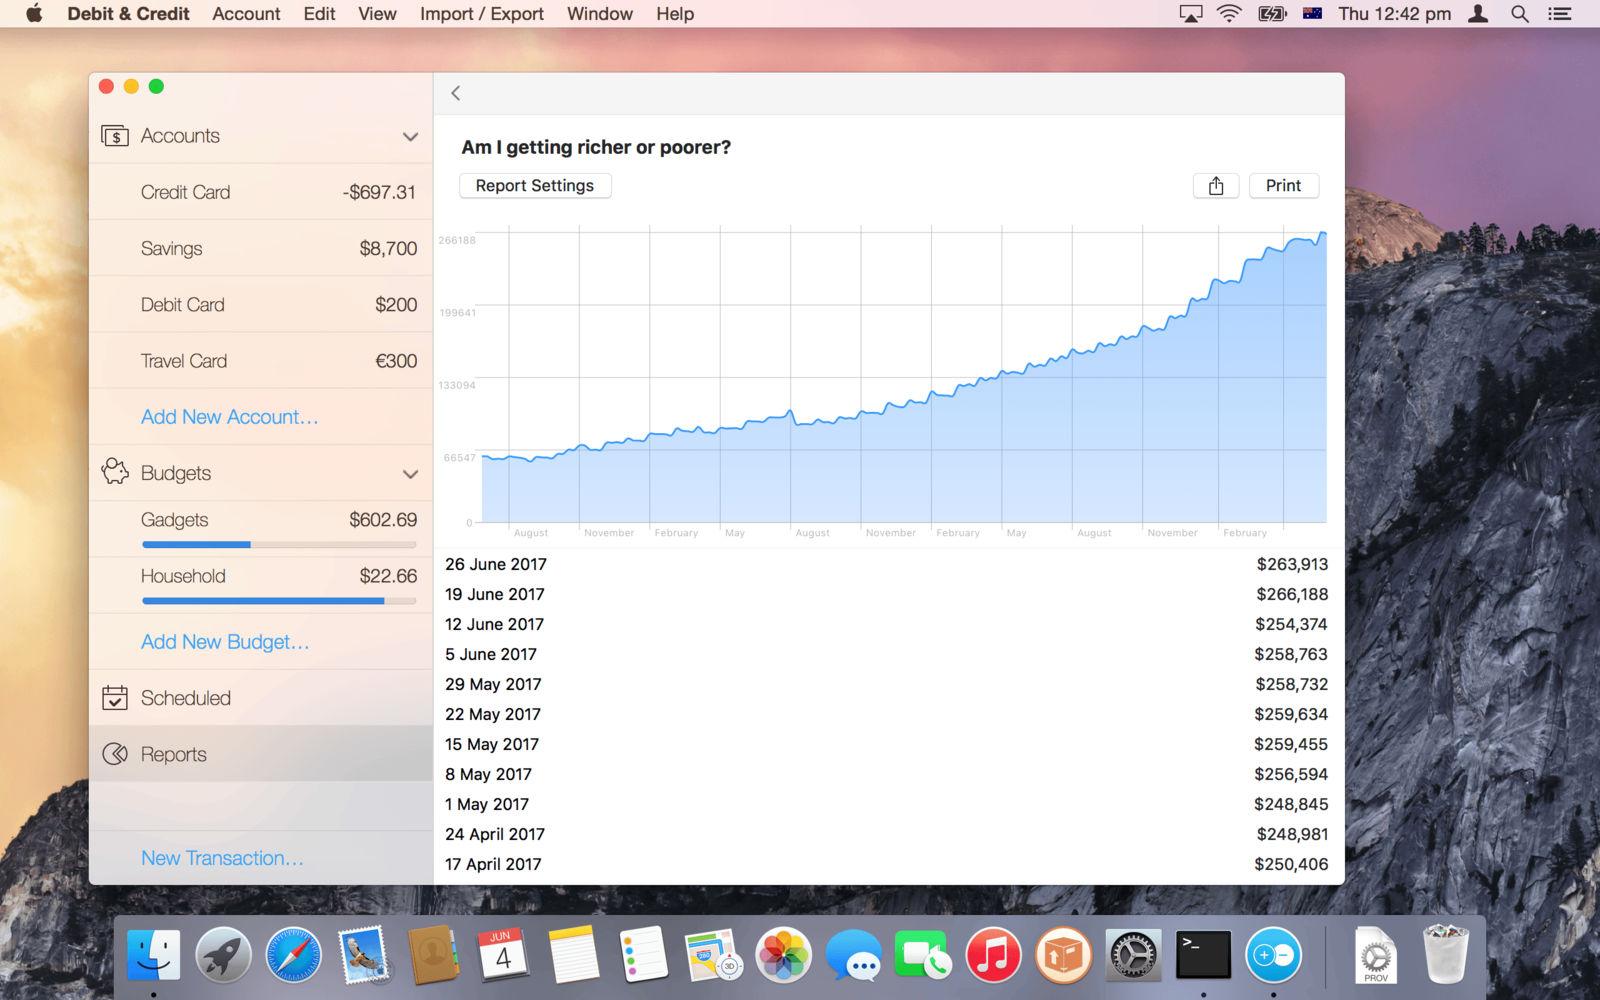 Debit & Credit 2.7.2个人理财应用软件